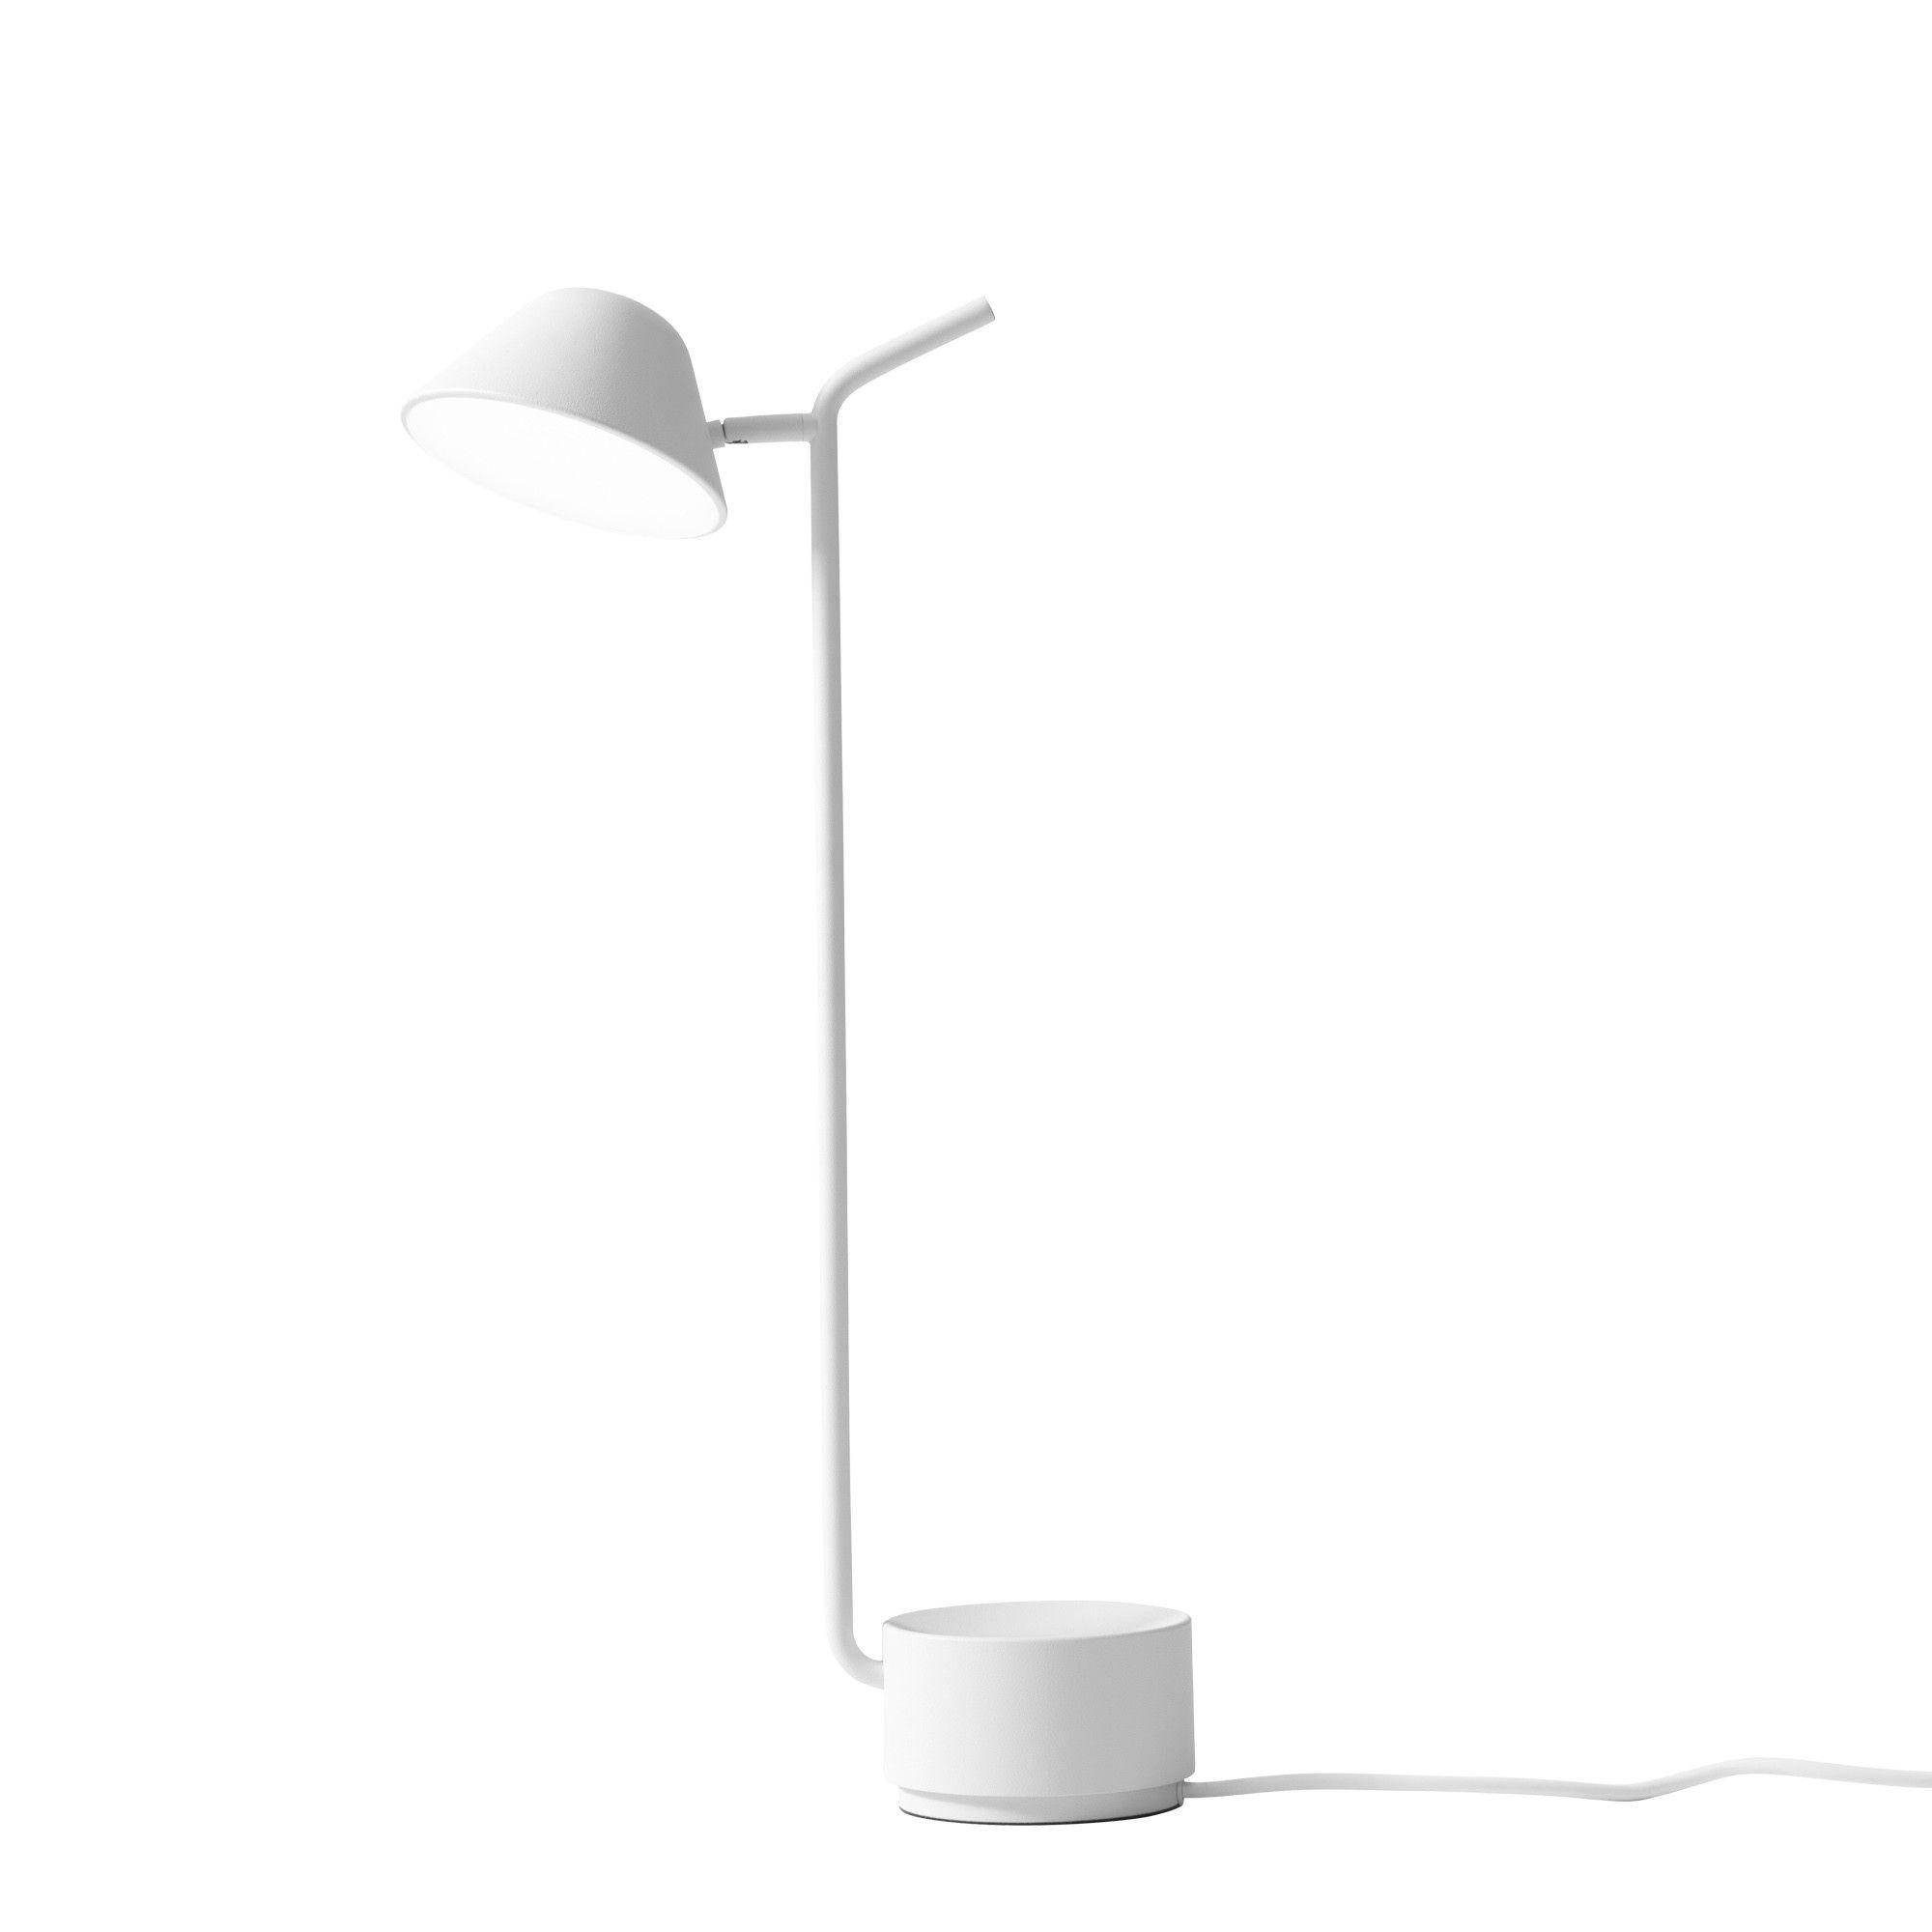 Lampe De Table Peek Blanc Menu Lampes De Table Blanc Et Lumiere De Lampe